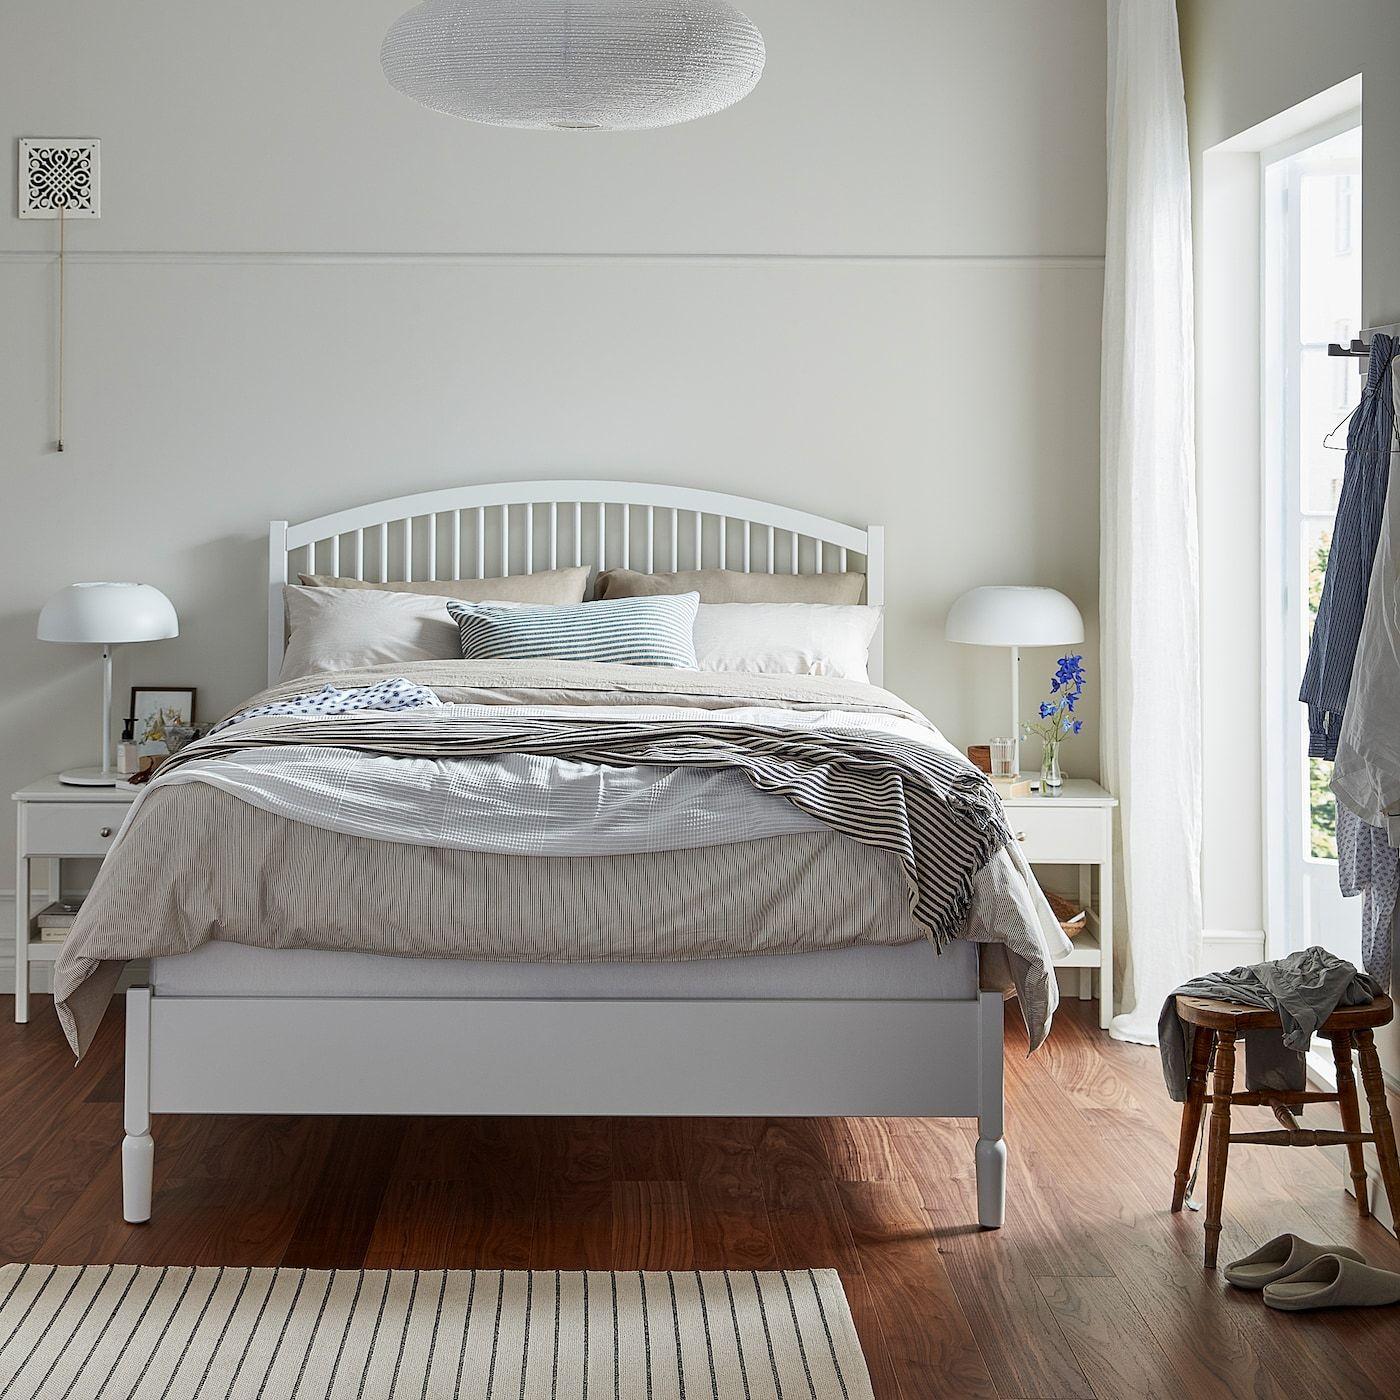 IKEA TYSSEDAL Bed frame white, Eidfjord Bed frame